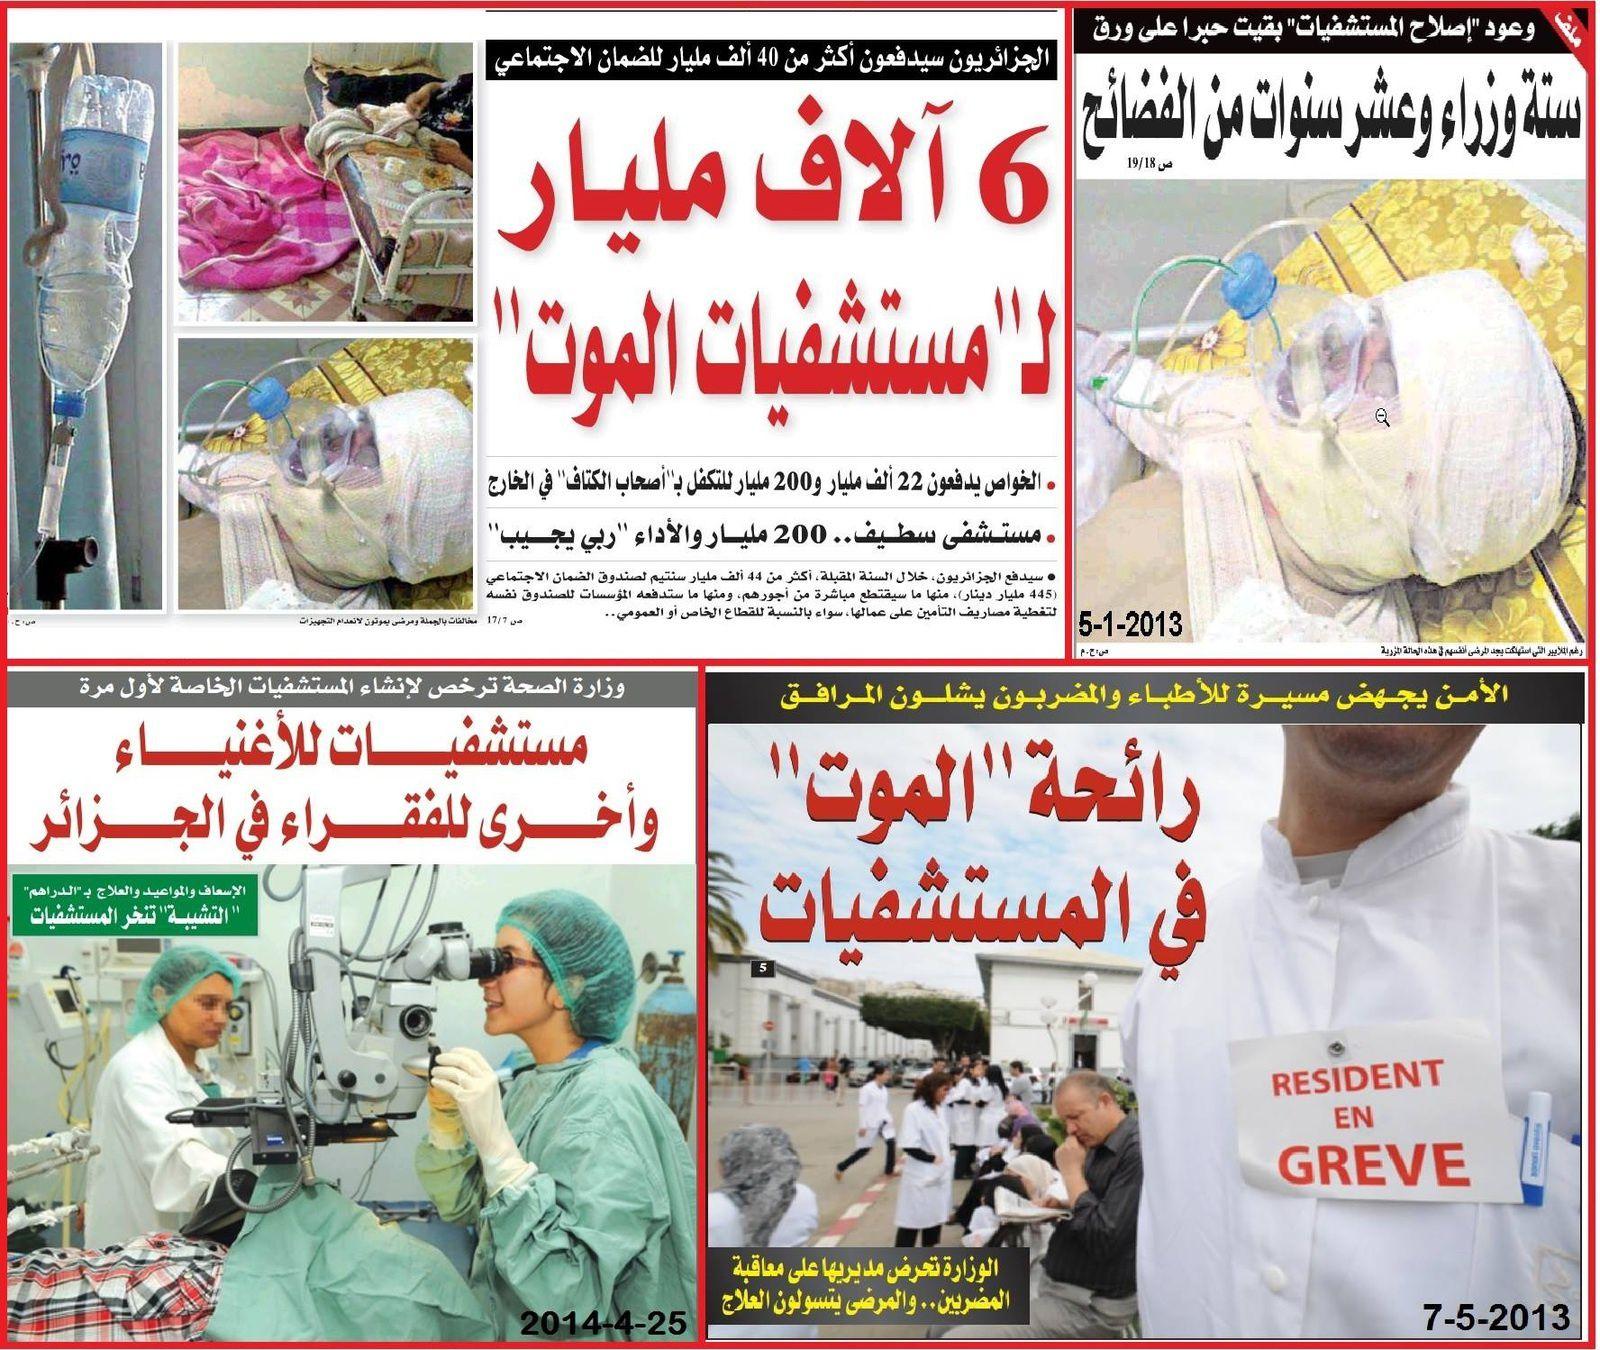 الجزائر : الصِحة للشواكير و الموت للفقاقير